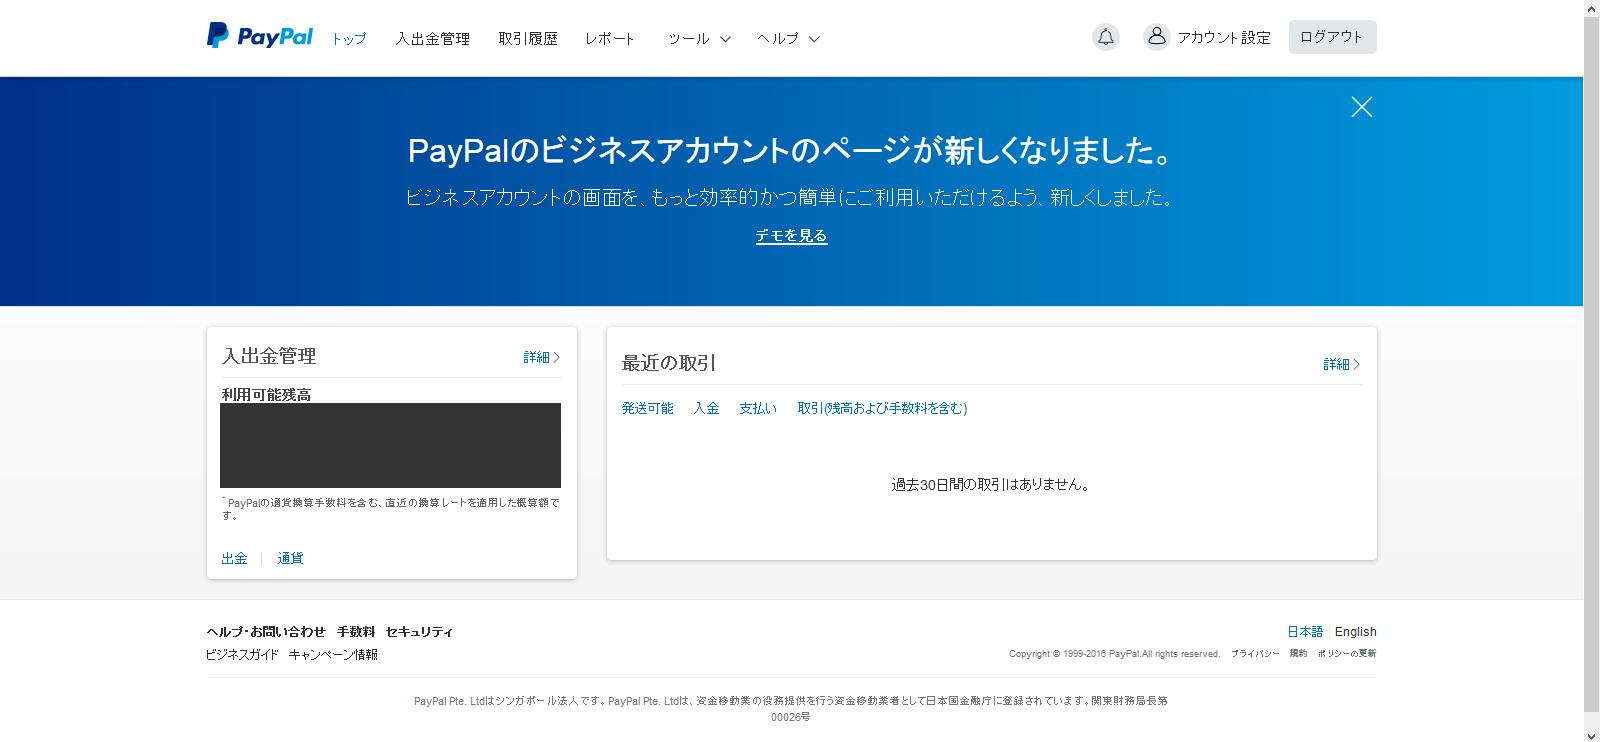 PayPalビジネスアカウントのページが新しくなりました。ビジネスアカウントの画面をもっと効率的かつ簡単にご利用いただけるよう新しくなりました。